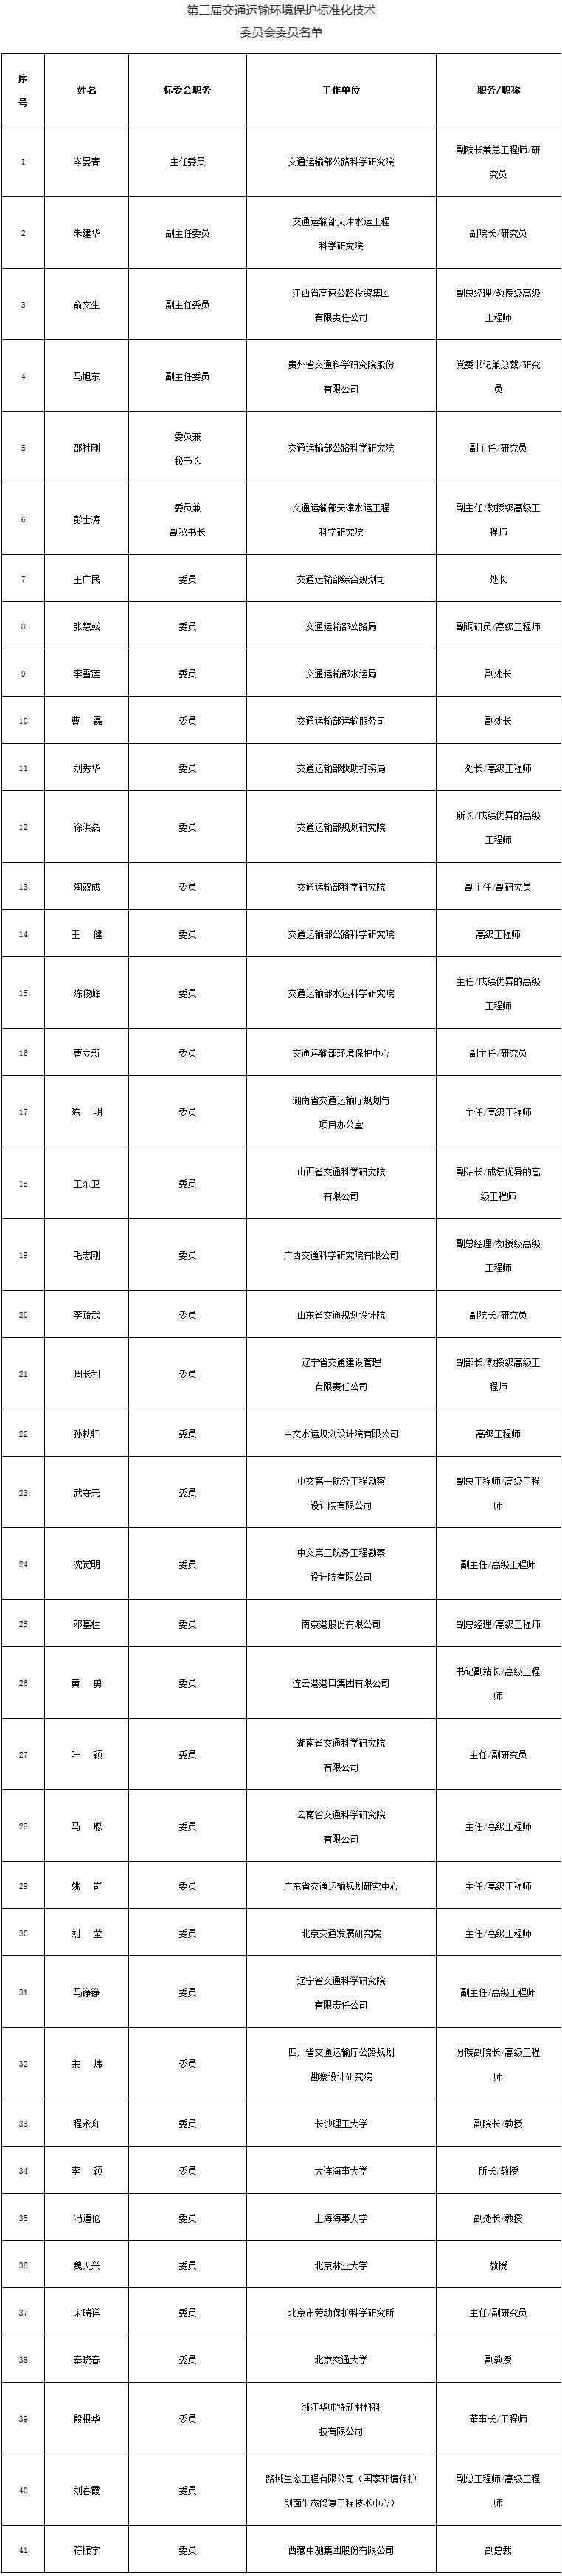 第三届交通运输环境保护标准化技术委员会委员名单